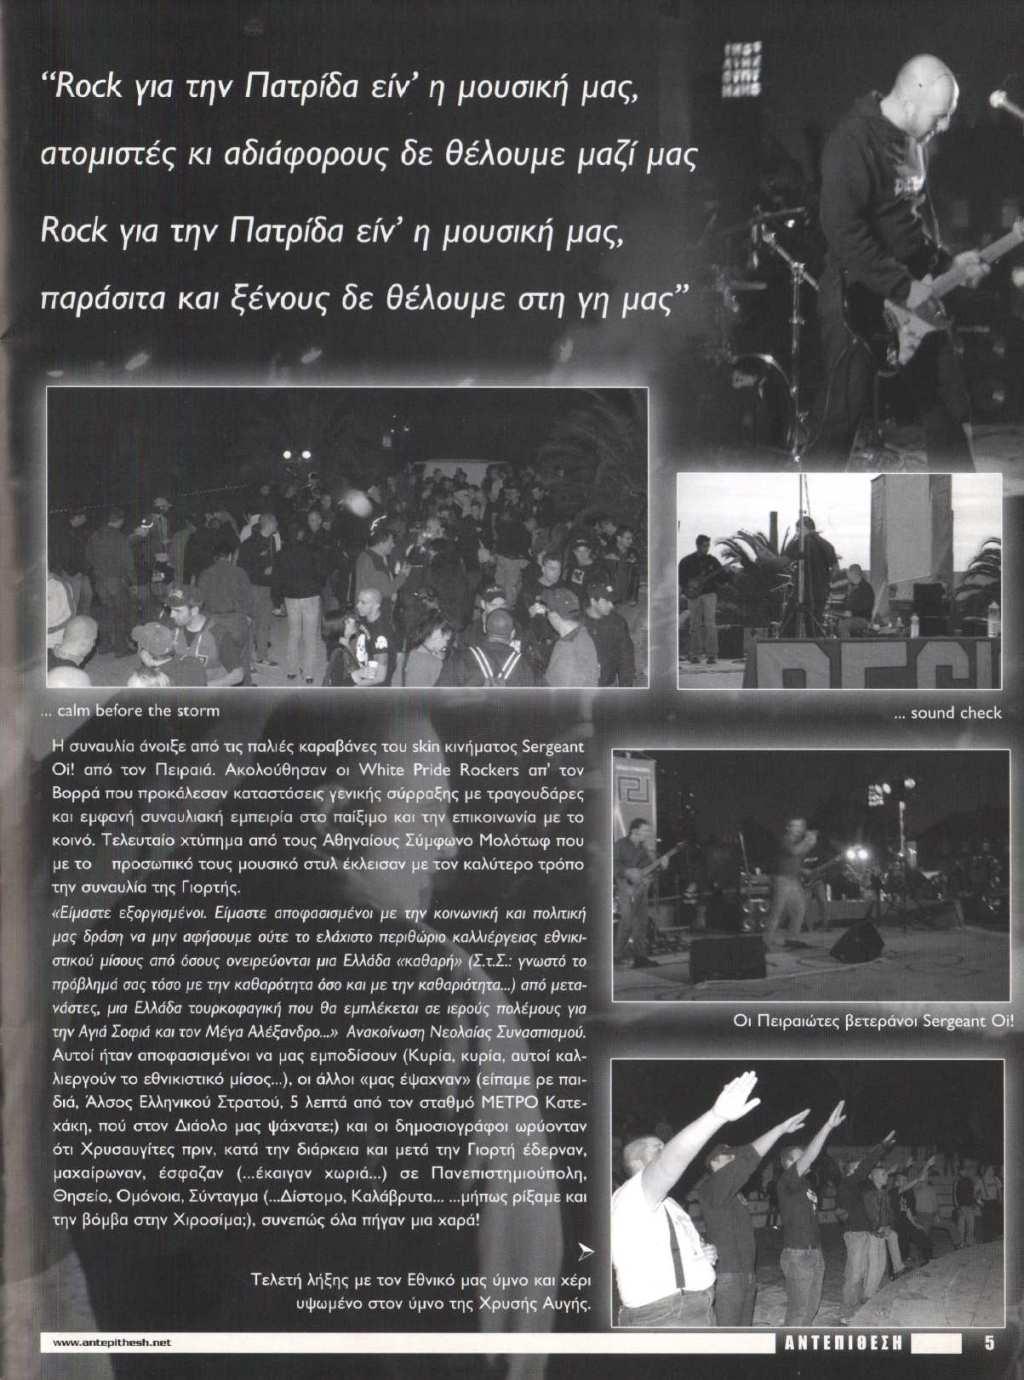 2008-05-ΜΑΪ-ΑΝΤΕΠΙΘΕΣΗ-ΤΧ#031-ΣΕΛ-05 - 7η Γιορτή Νεολαίας 2008 + Ροκ για την πατρίδα - ΑΝΤΕΠΙΘΕΣΗ, Α.Τ. 31, 05_06-2008, σελ. 05